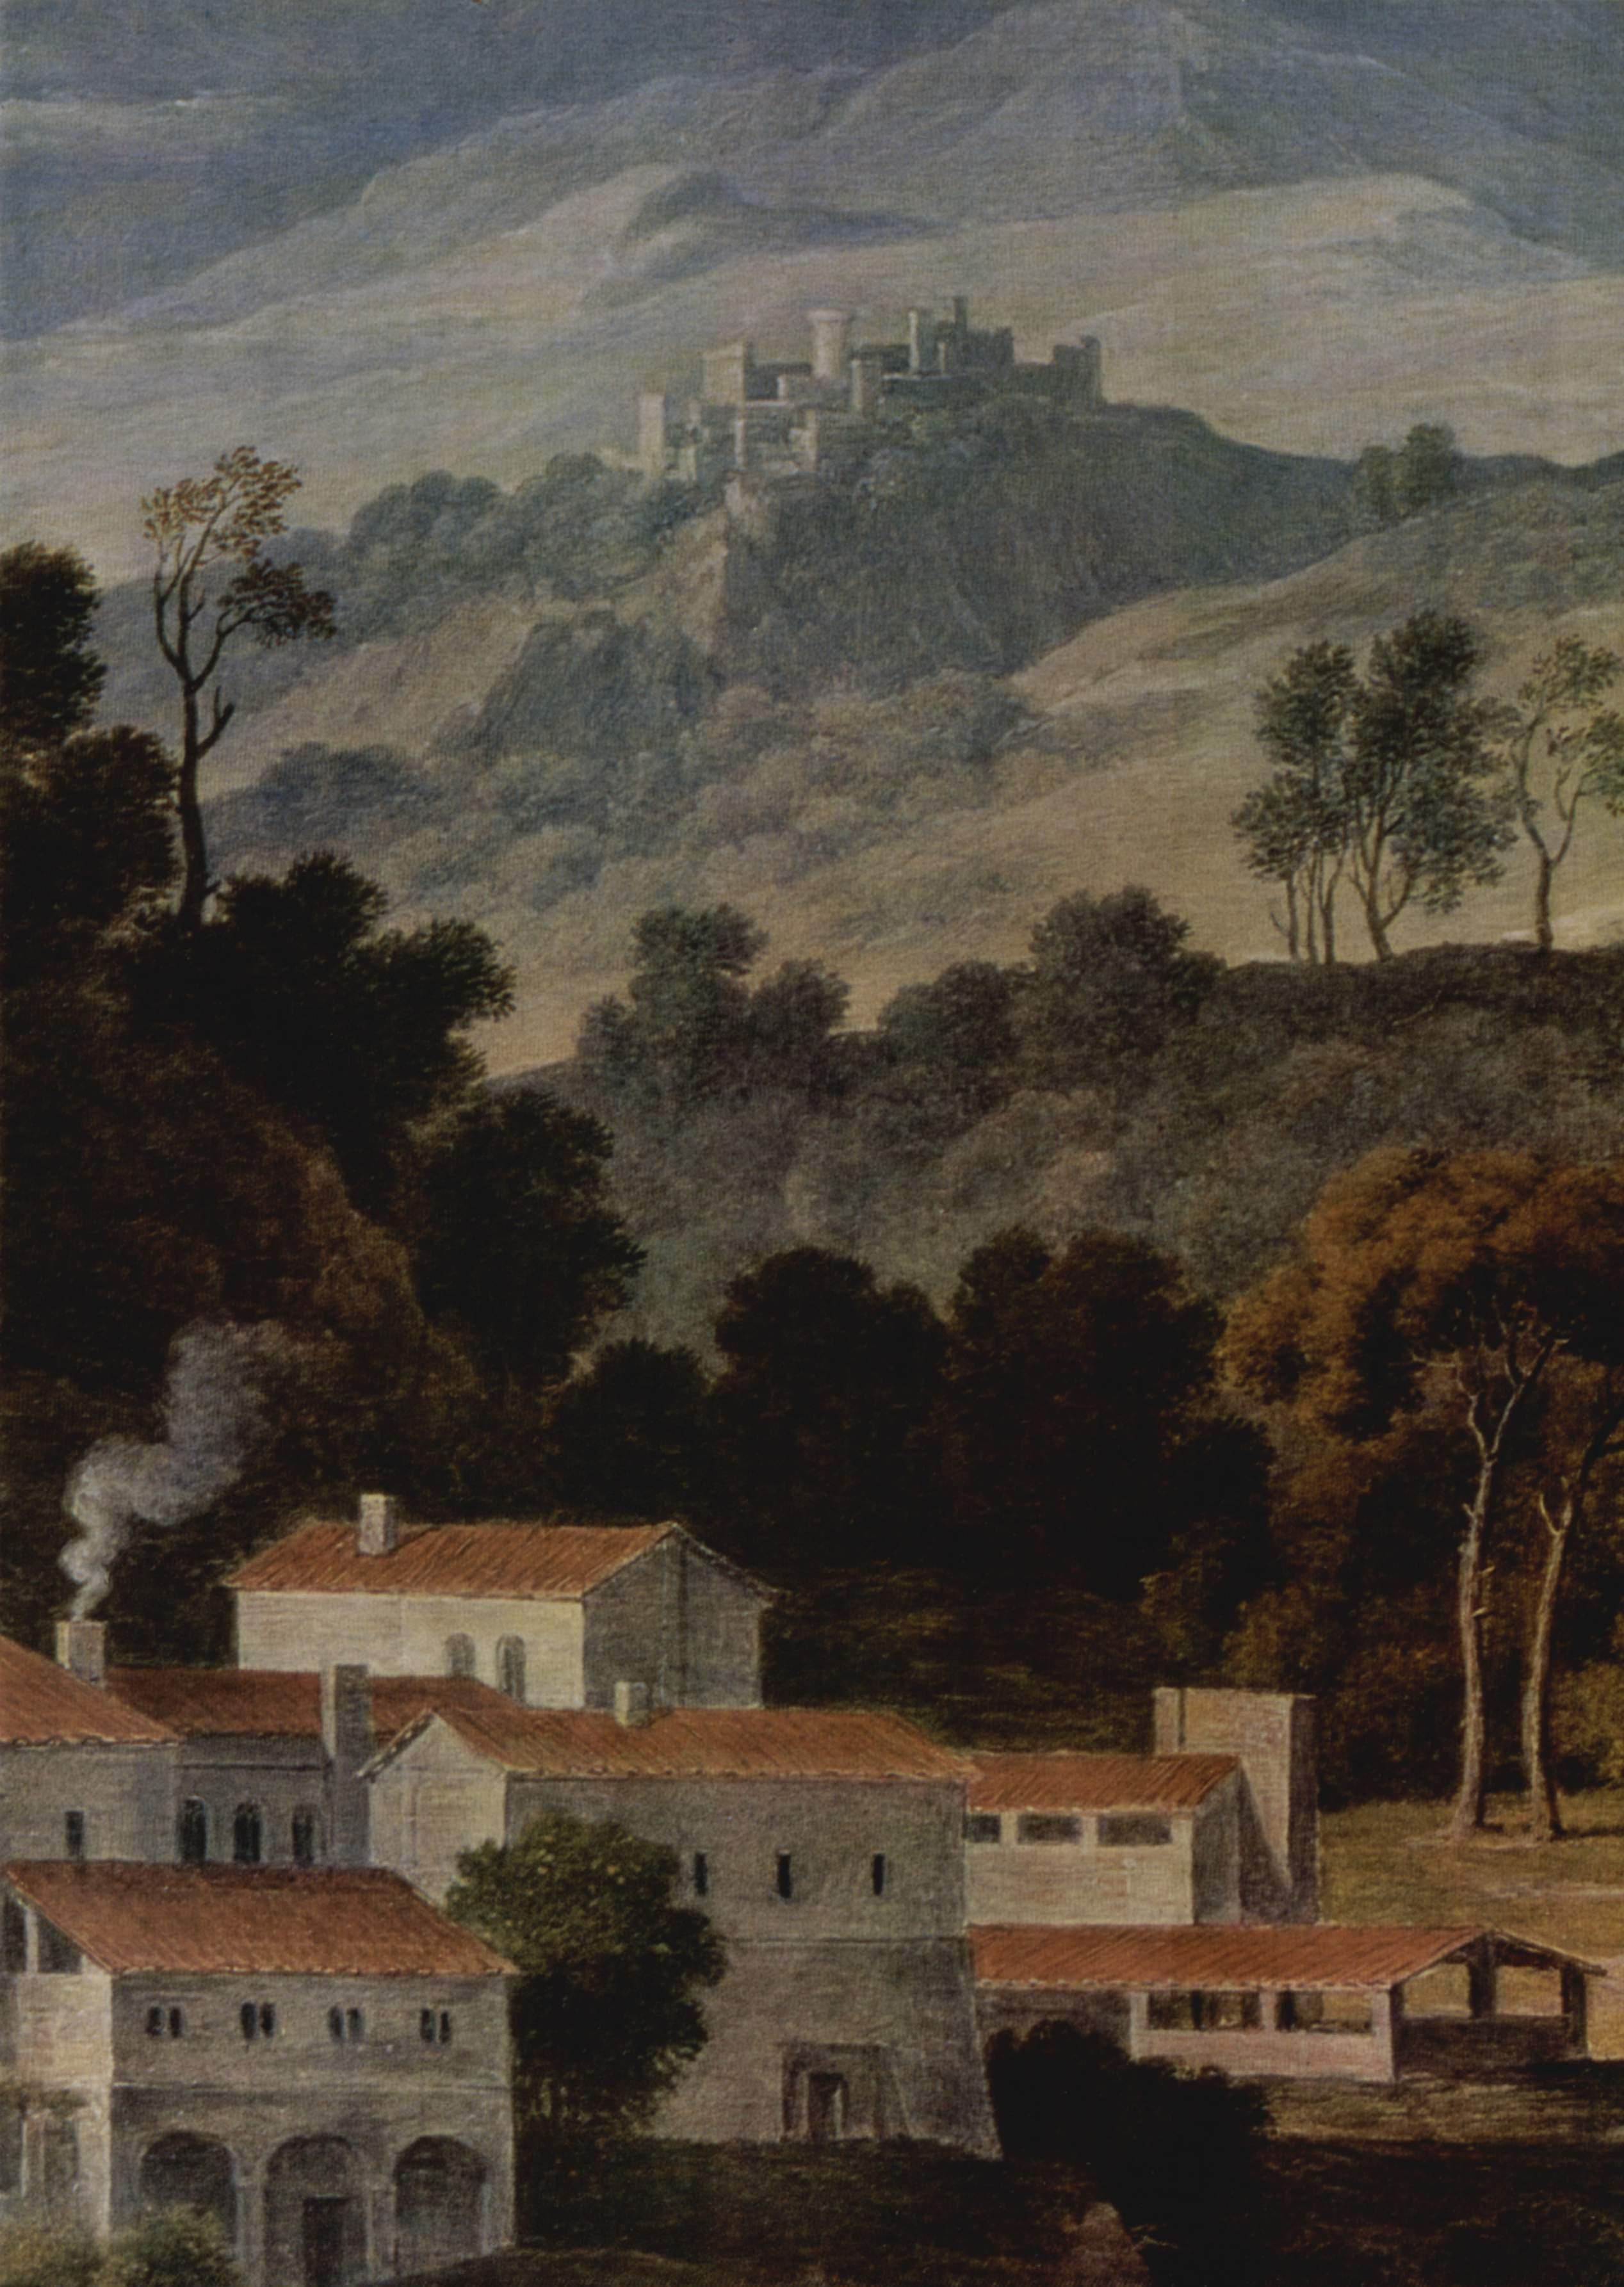 Монастырь Сан Франческо в Сабинских горах близ Рима. Фрагмент, Кох Йозеф Антон